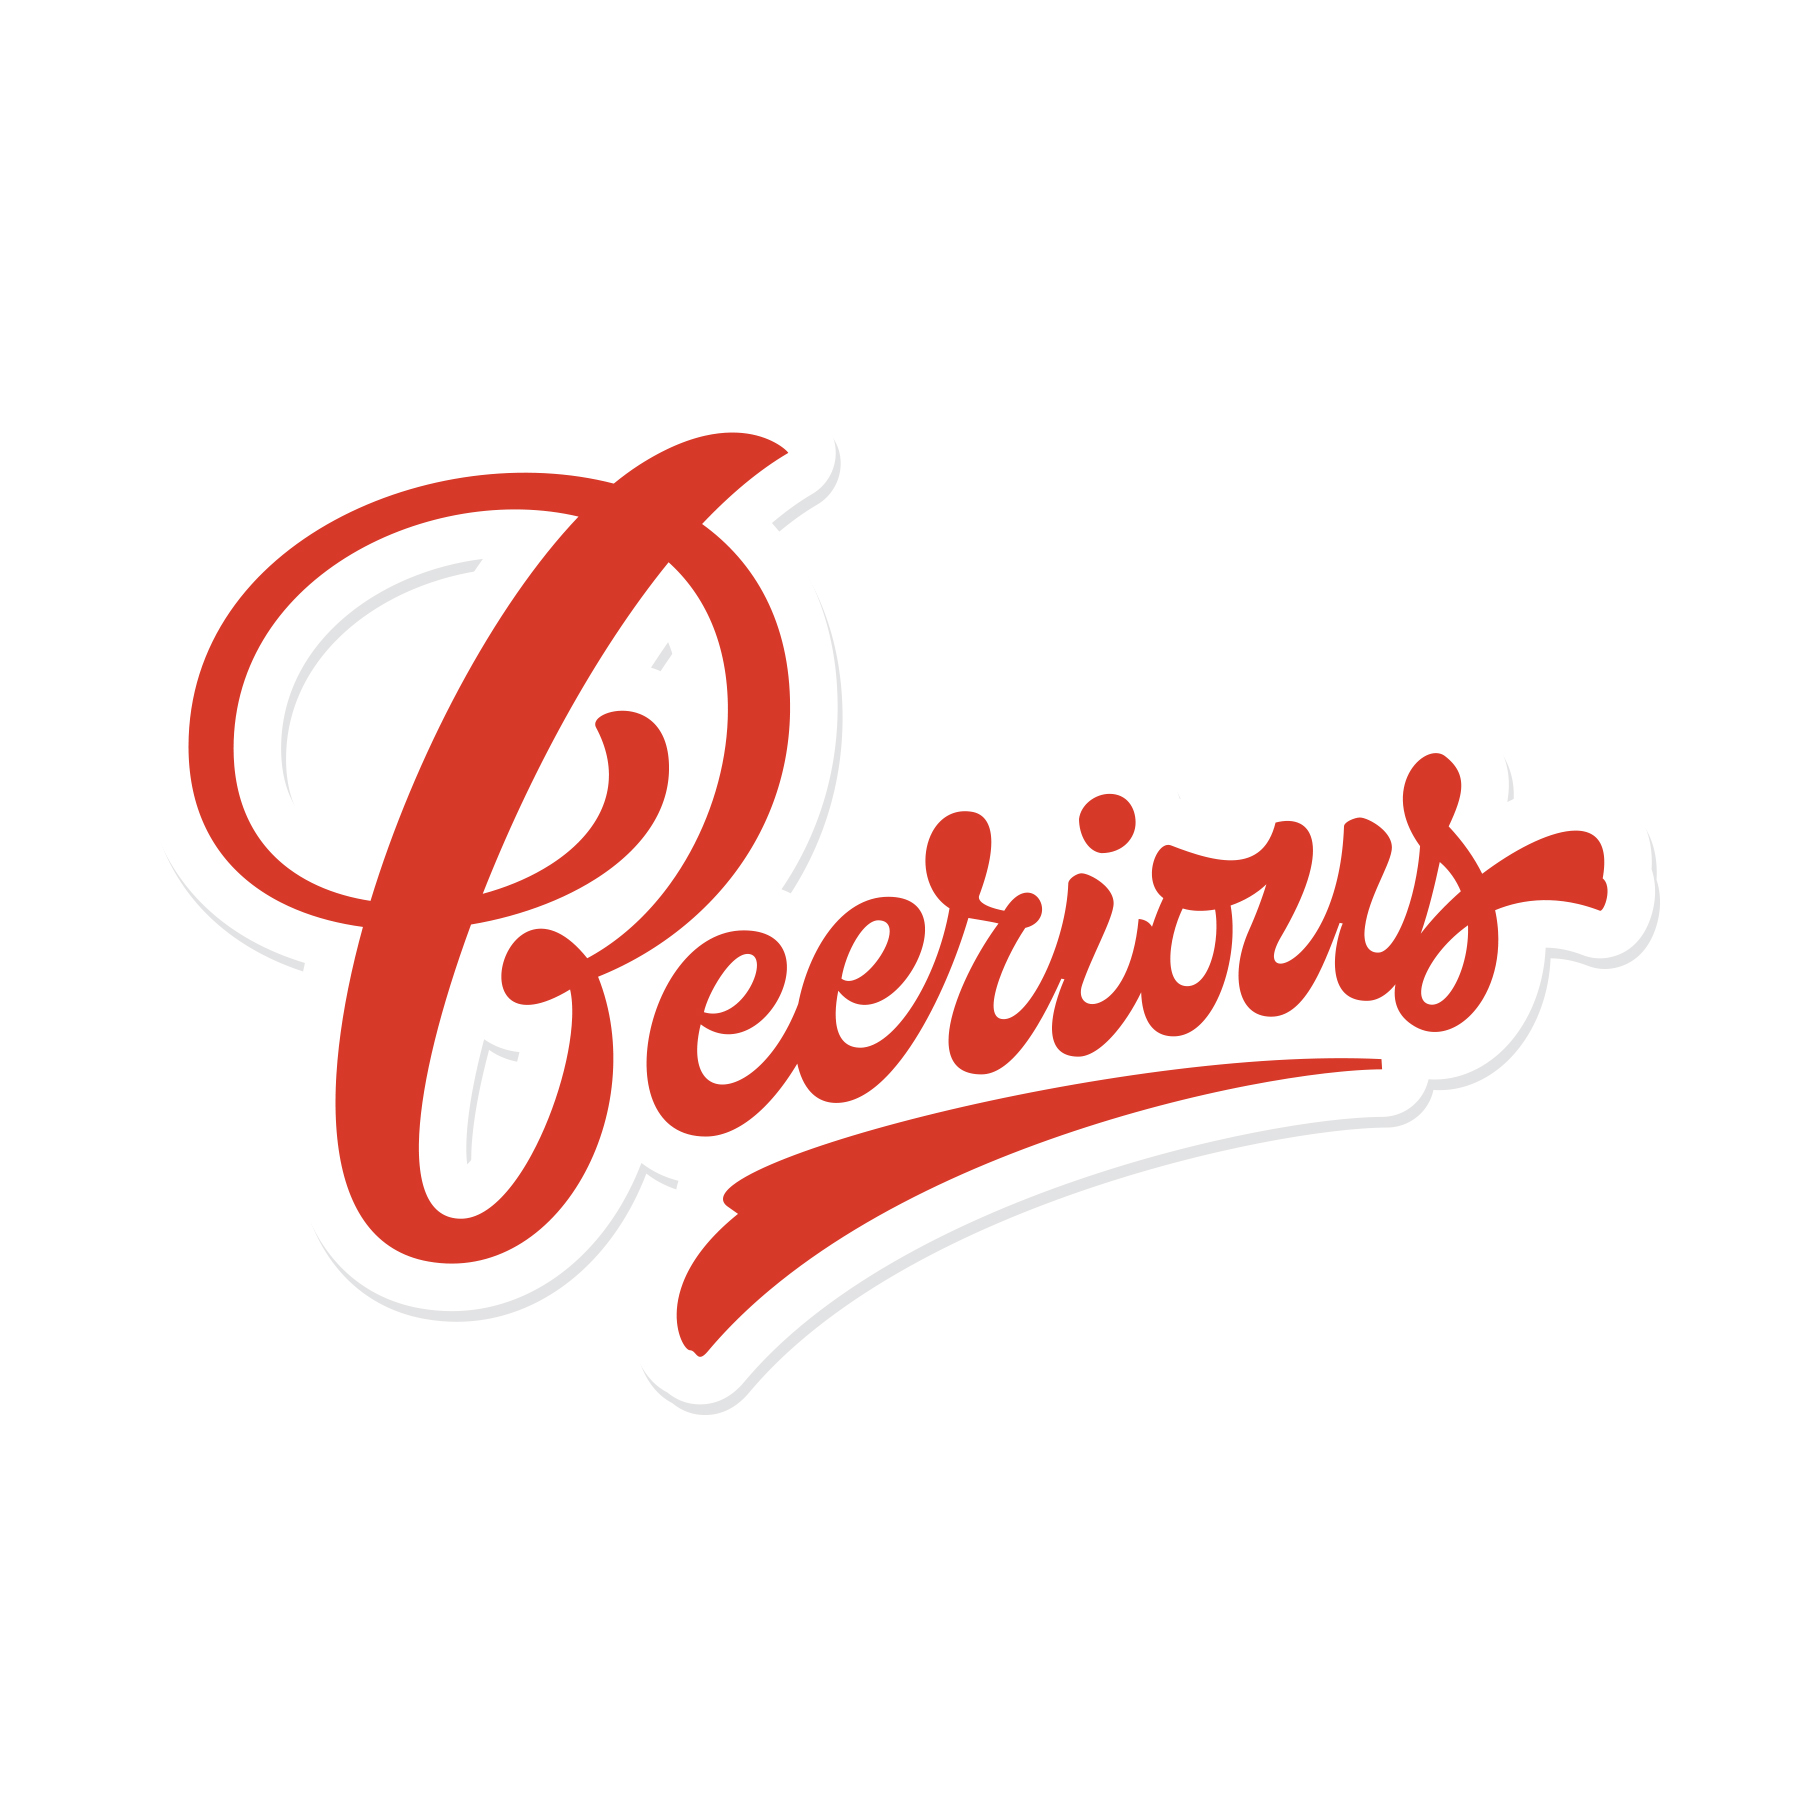 Beerious1.jpg